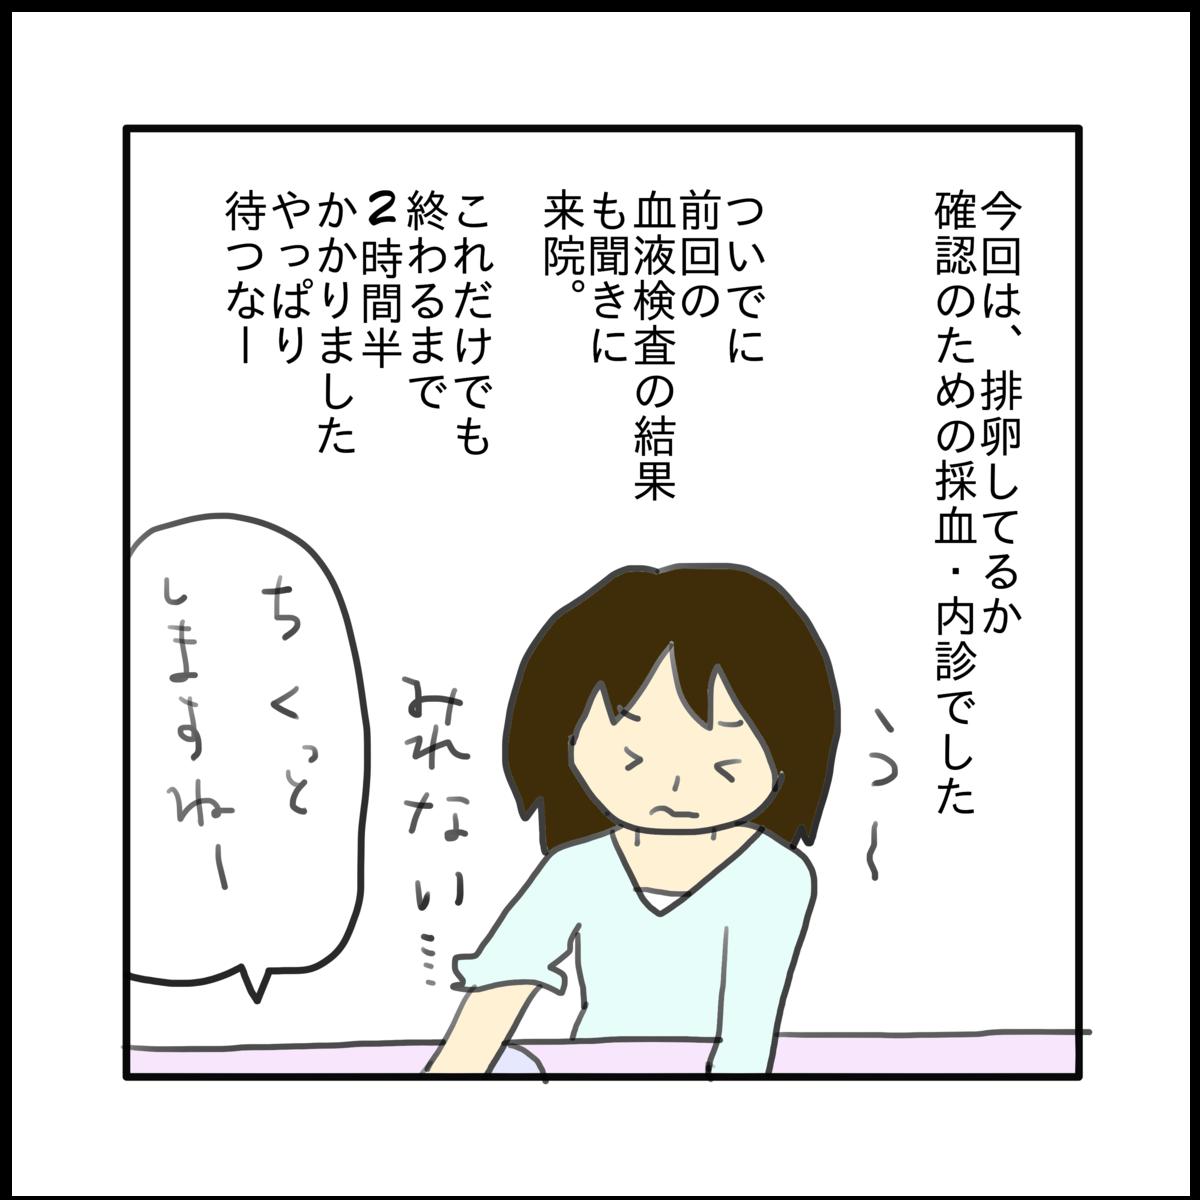 f:id:usuisachiyo28:20190805155456p:plain